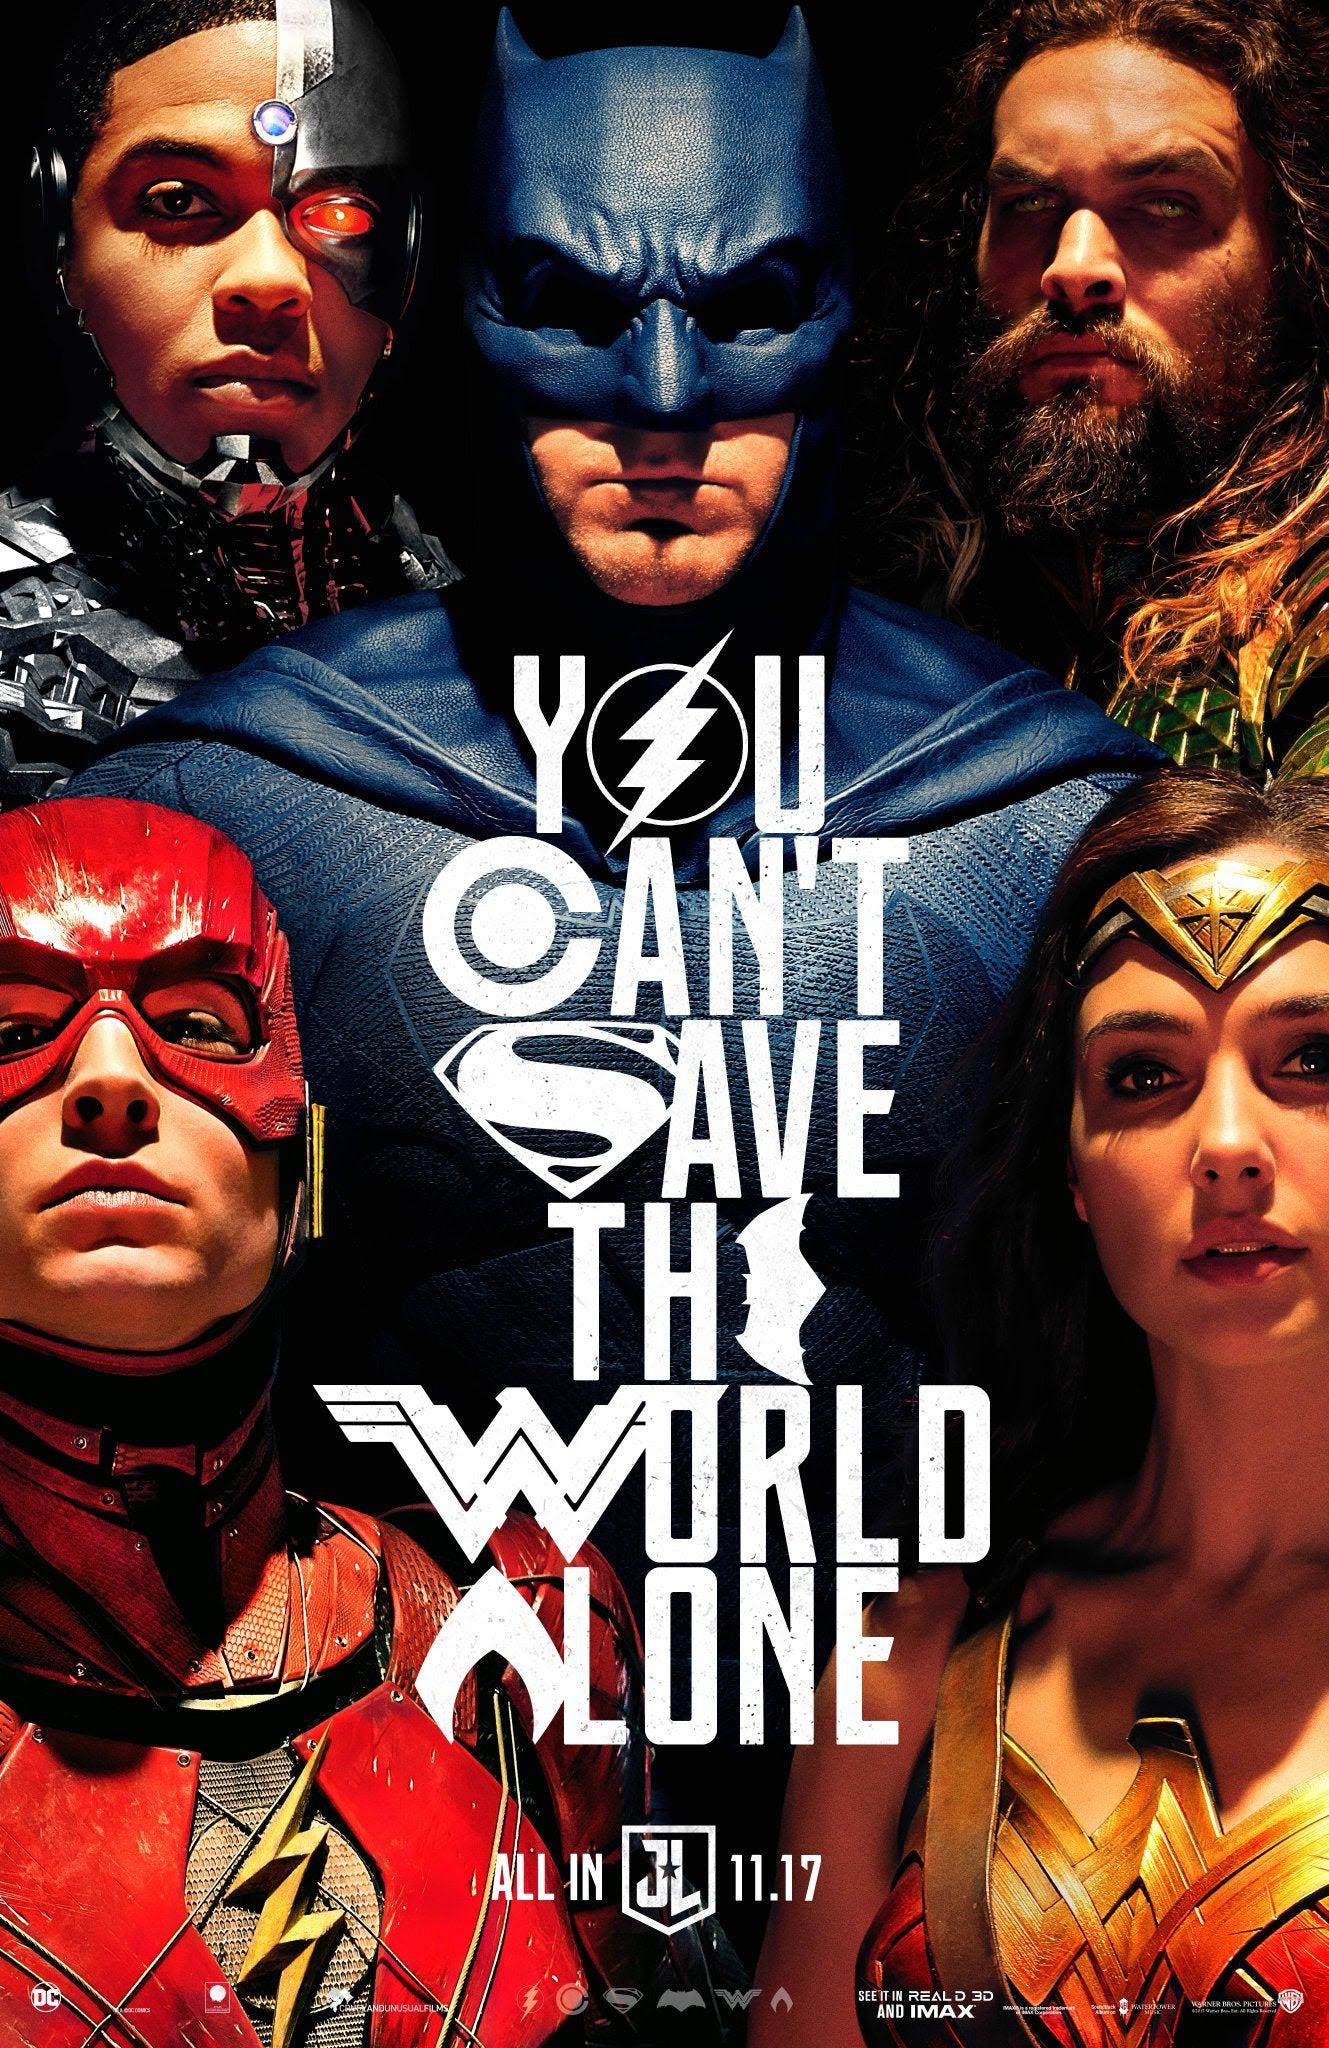 Novo Poster De Liga Da Justica Reforca A Uniao Entre Os Herois